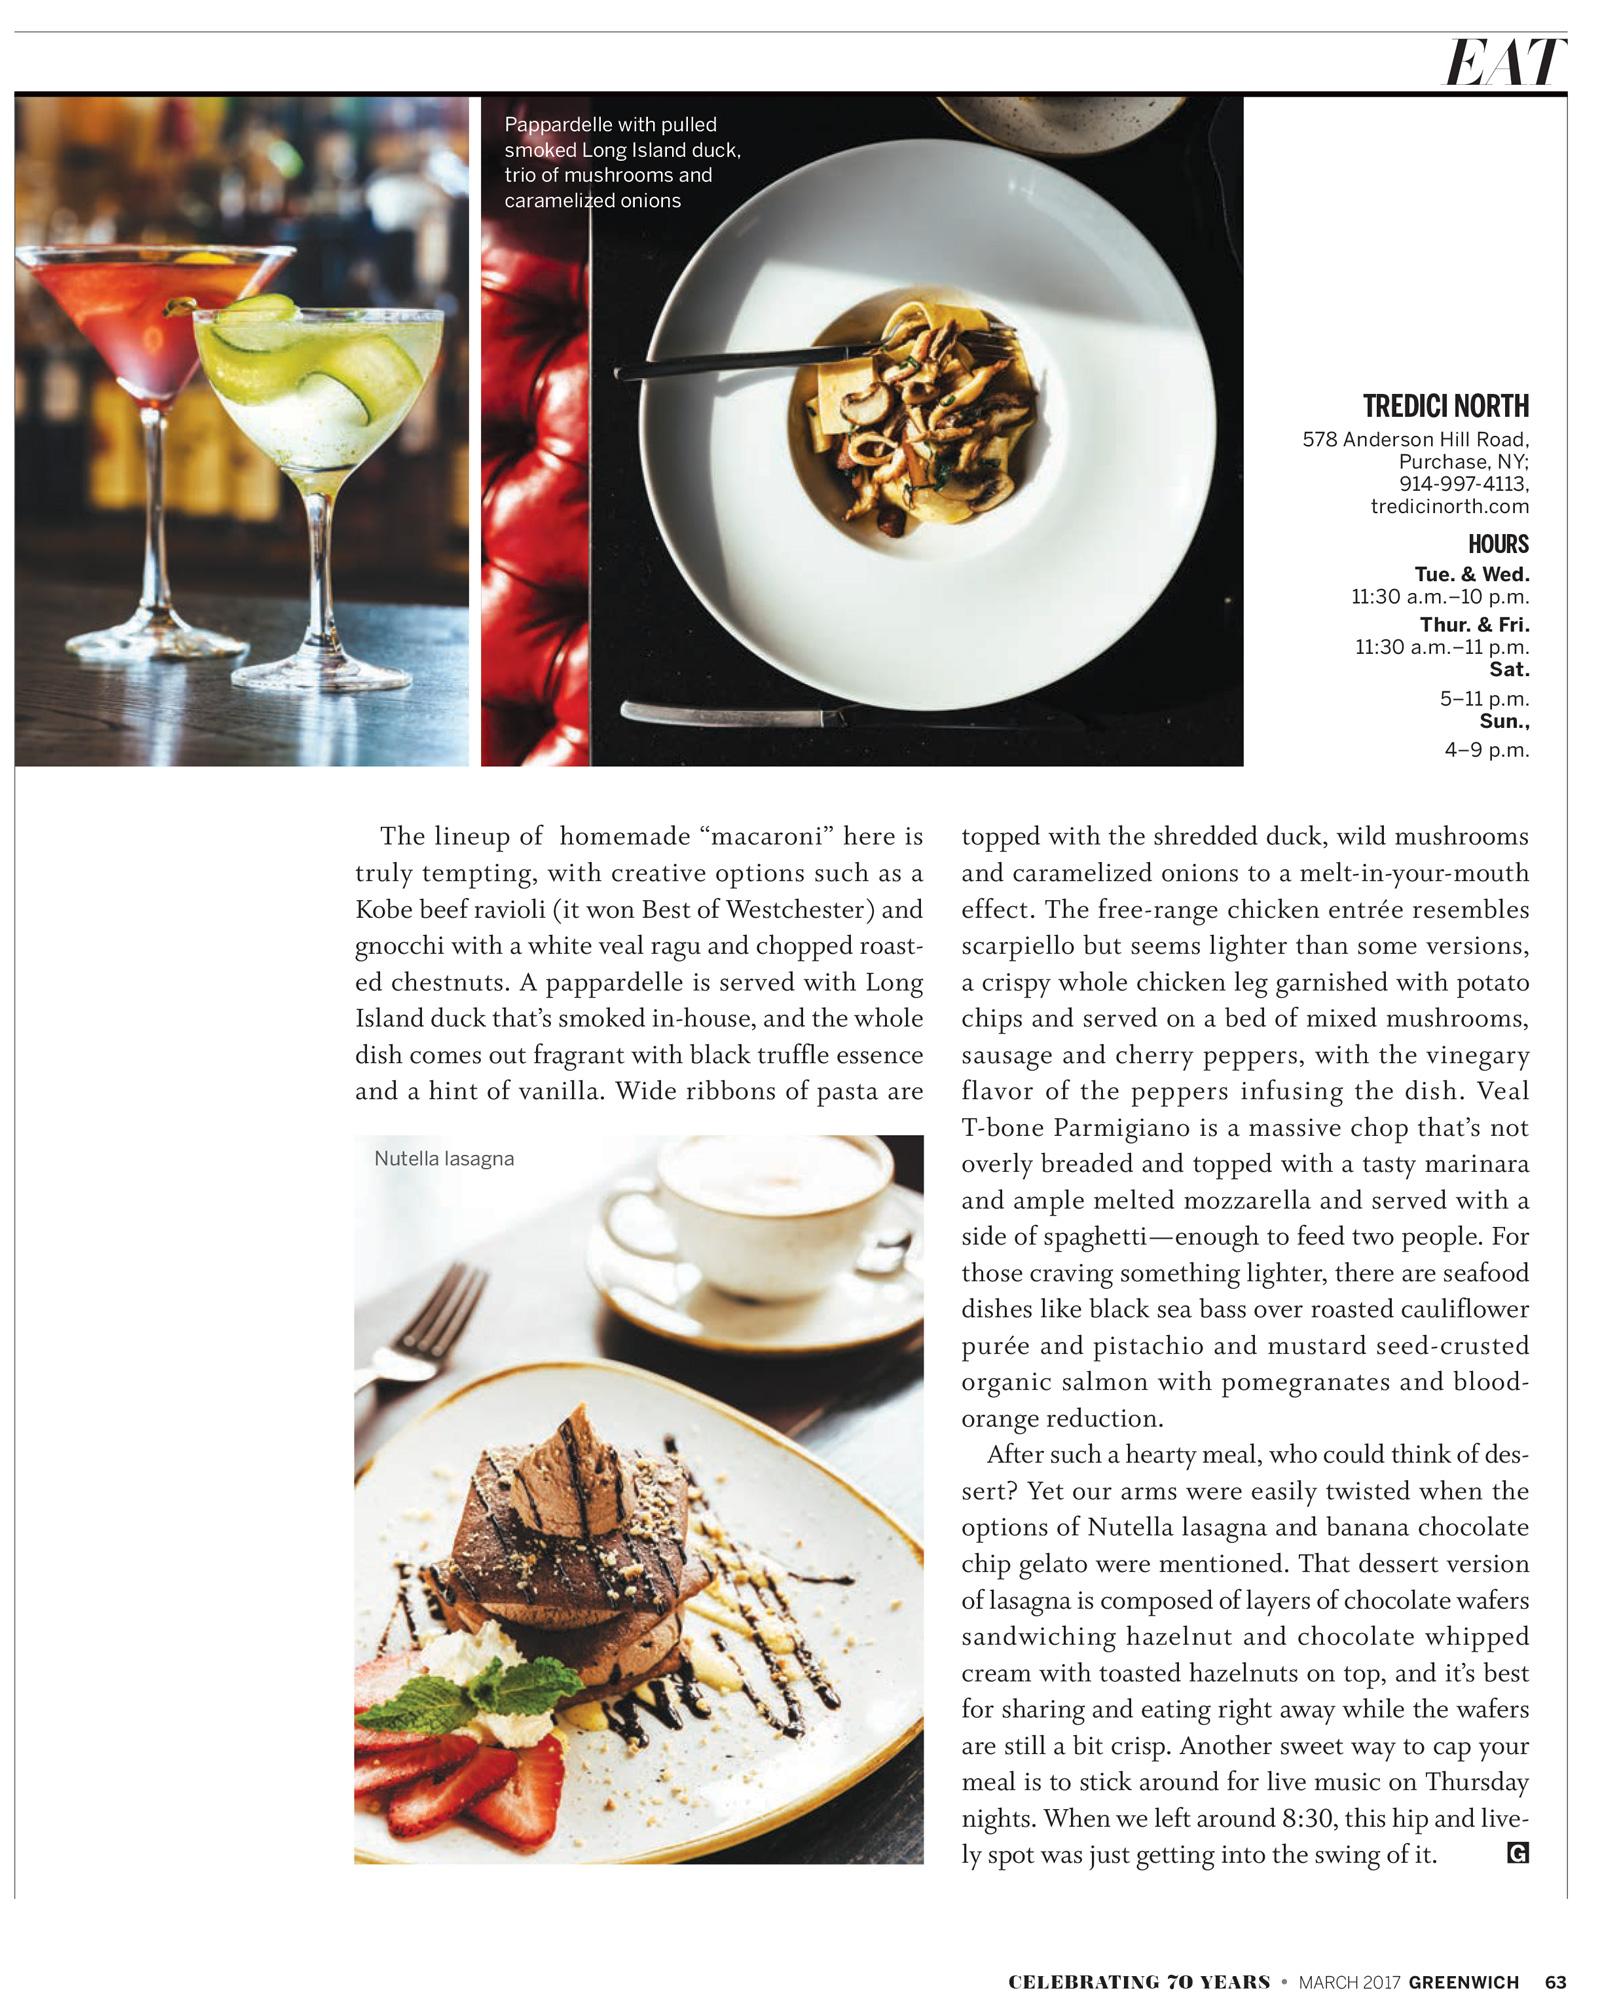 Greenwich magazine, March 2017  greenwichmag.com